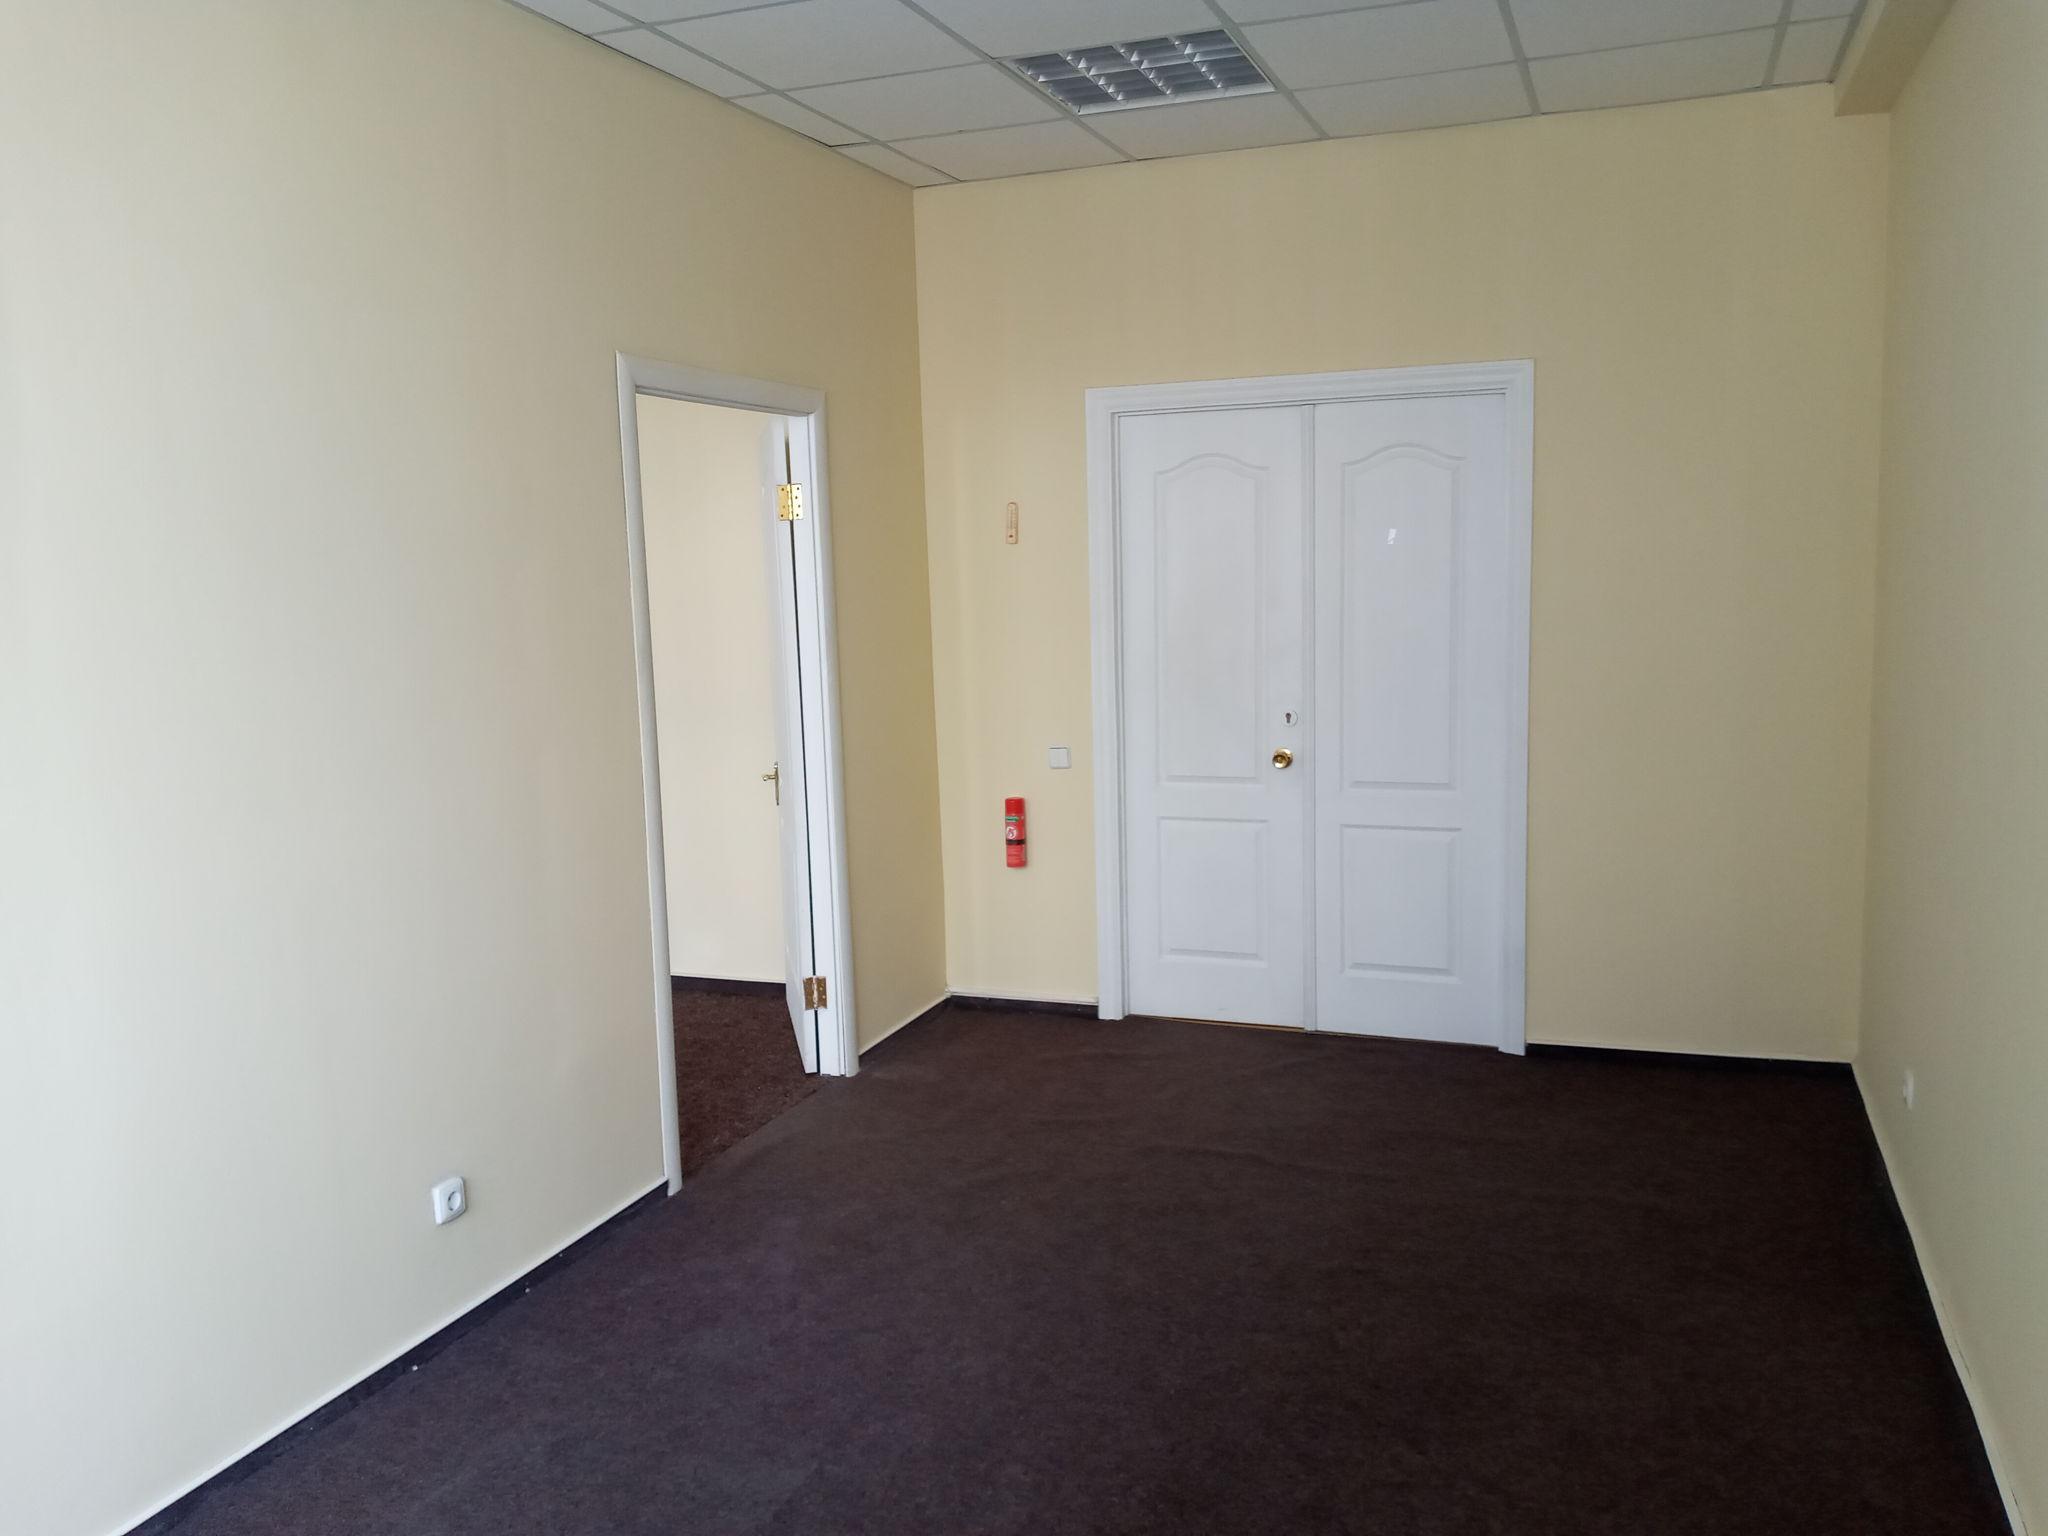 Офис, W-6136862, Сверстюка Евгения (Расковой Марины), 17, Киев - Фото 1